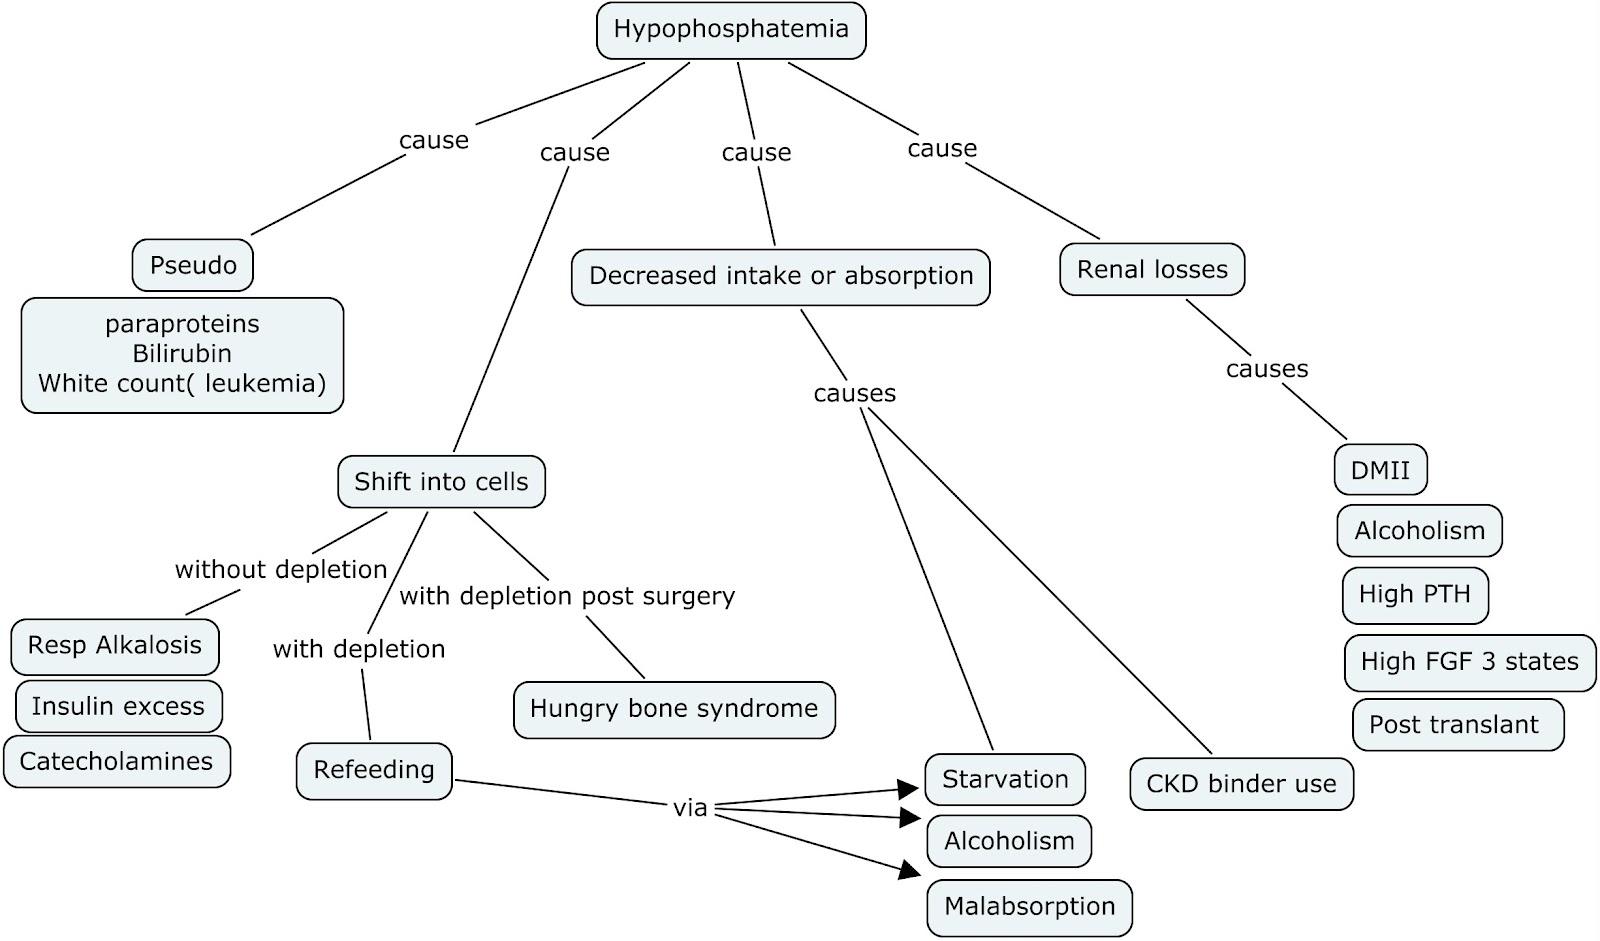 Nephron Power: Concept Map: Hypophosphatemia